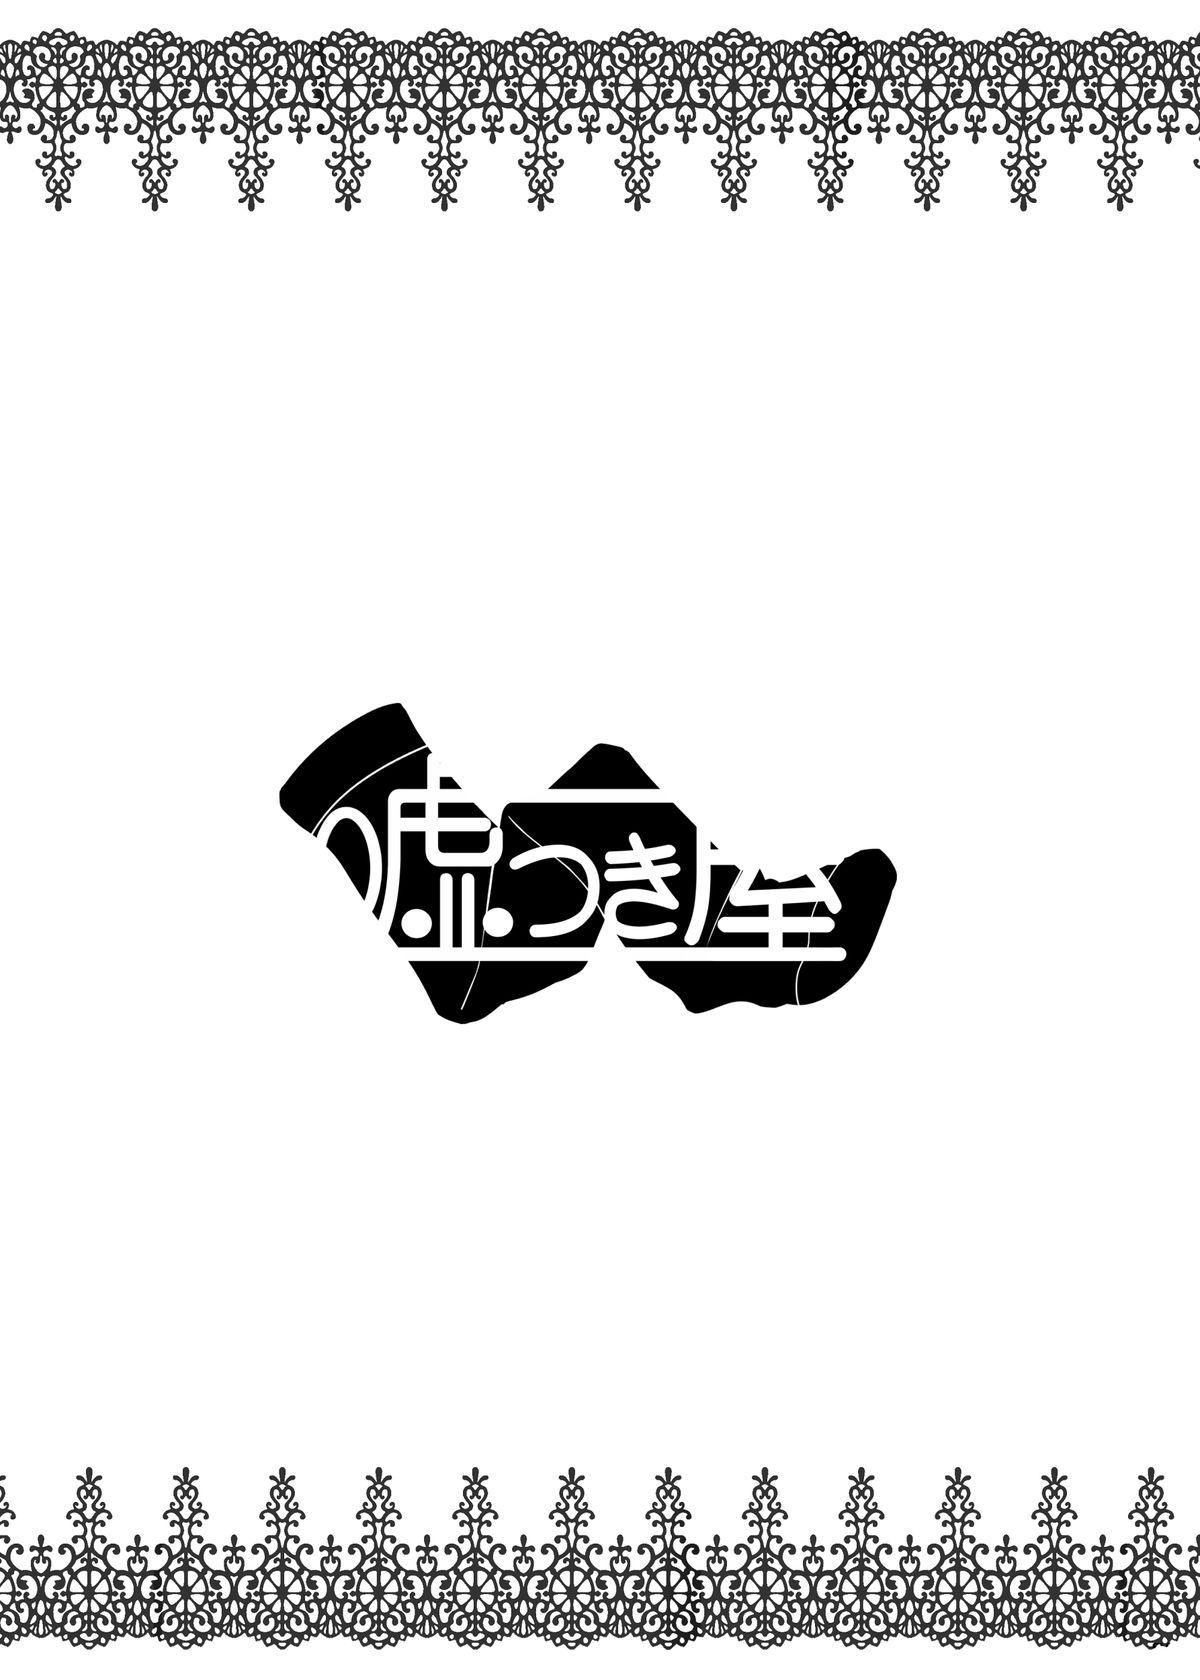 [Usotsukiya (Oouso)] Flan-chan Kutsushita Bon 2 - Kotatsu Hen | Flan-chan's Socks Book 2 - Kotatsu Chapter (Touhou Project) [English] {pesu} [Digital] 5